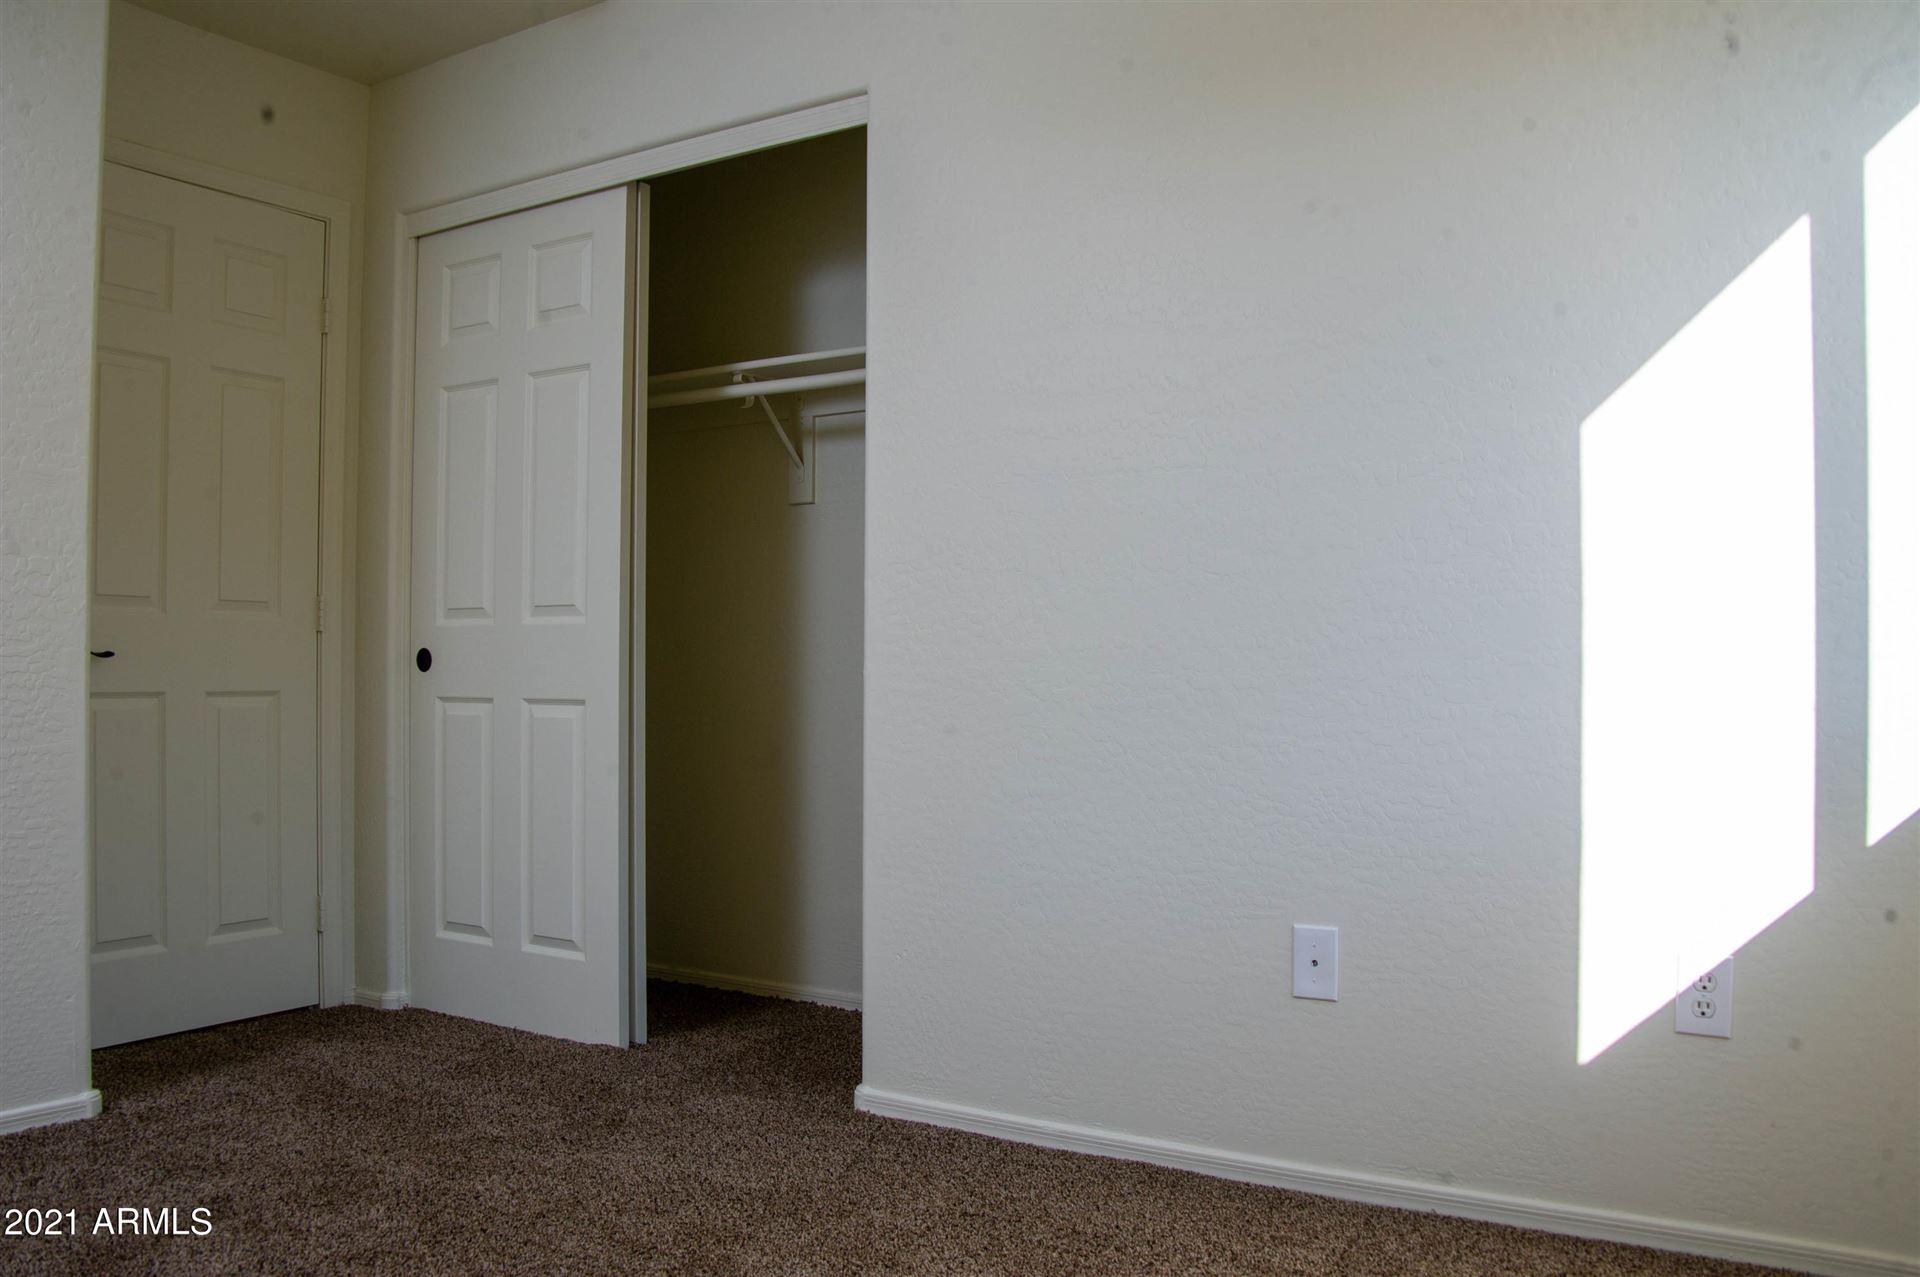 Photo of 2202 S 112TH Lane, Avondale, AZ 85323 (MLS # 6246485)